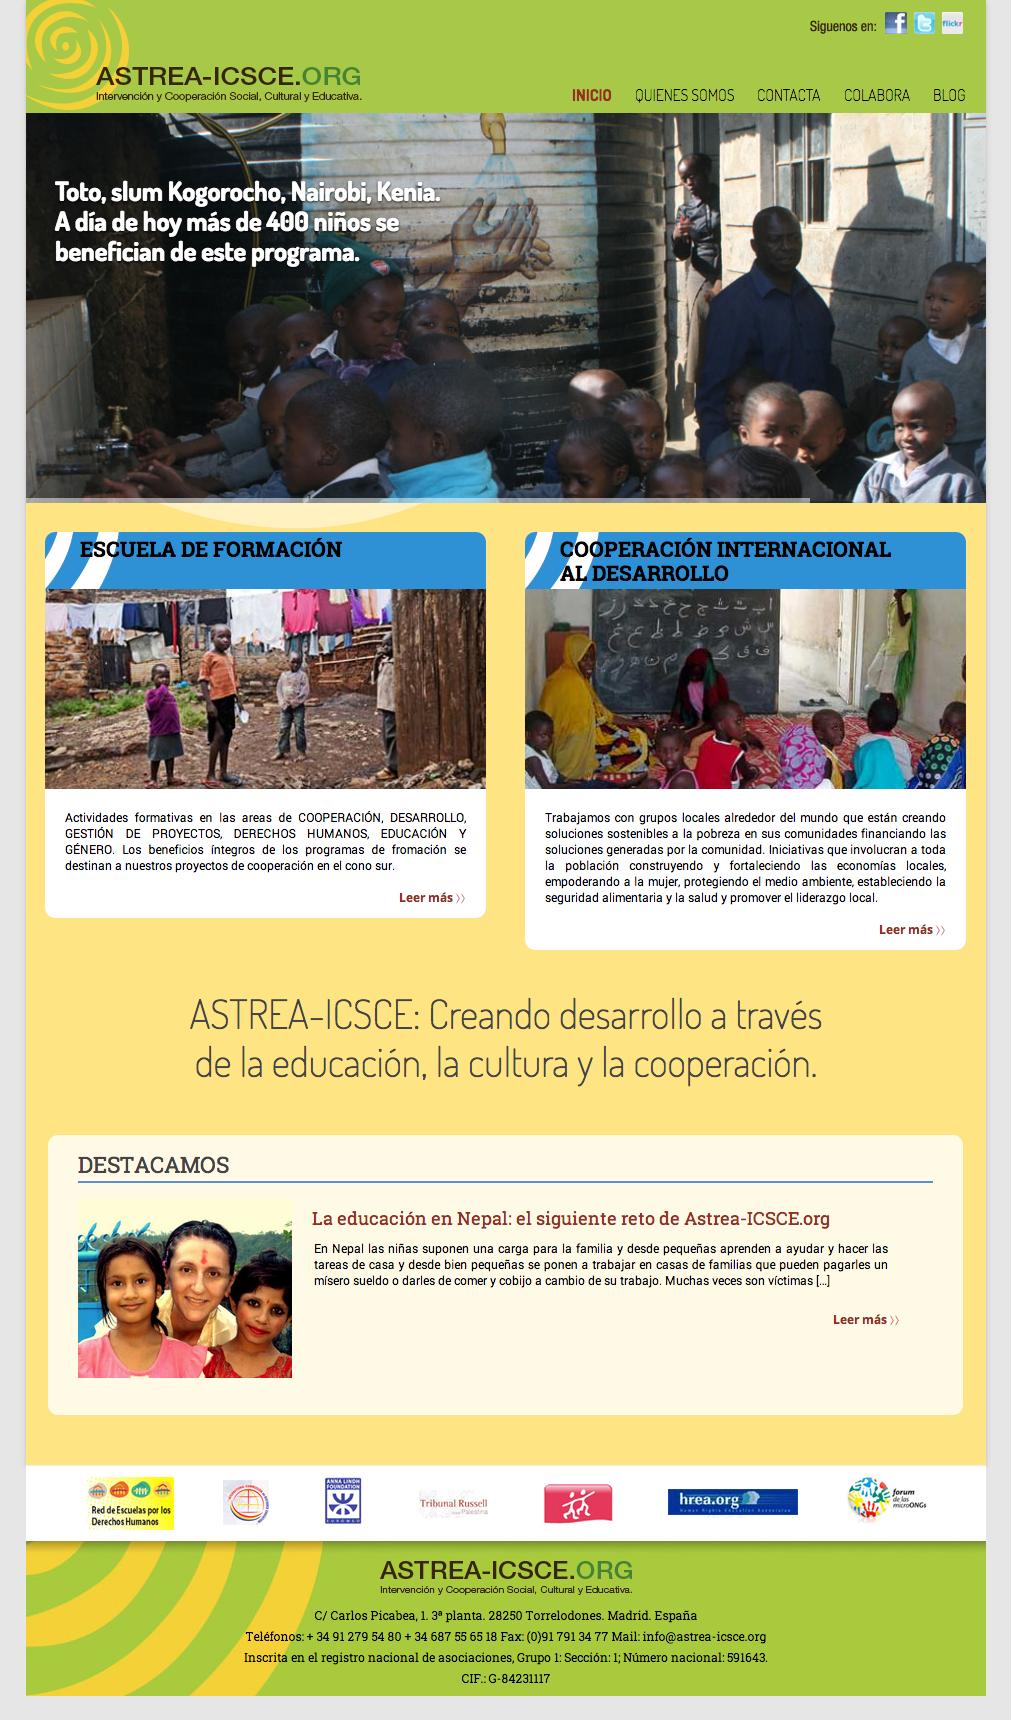 ASTREA-ICSCE | Intervencion y cooperacion social, cultural y educativa